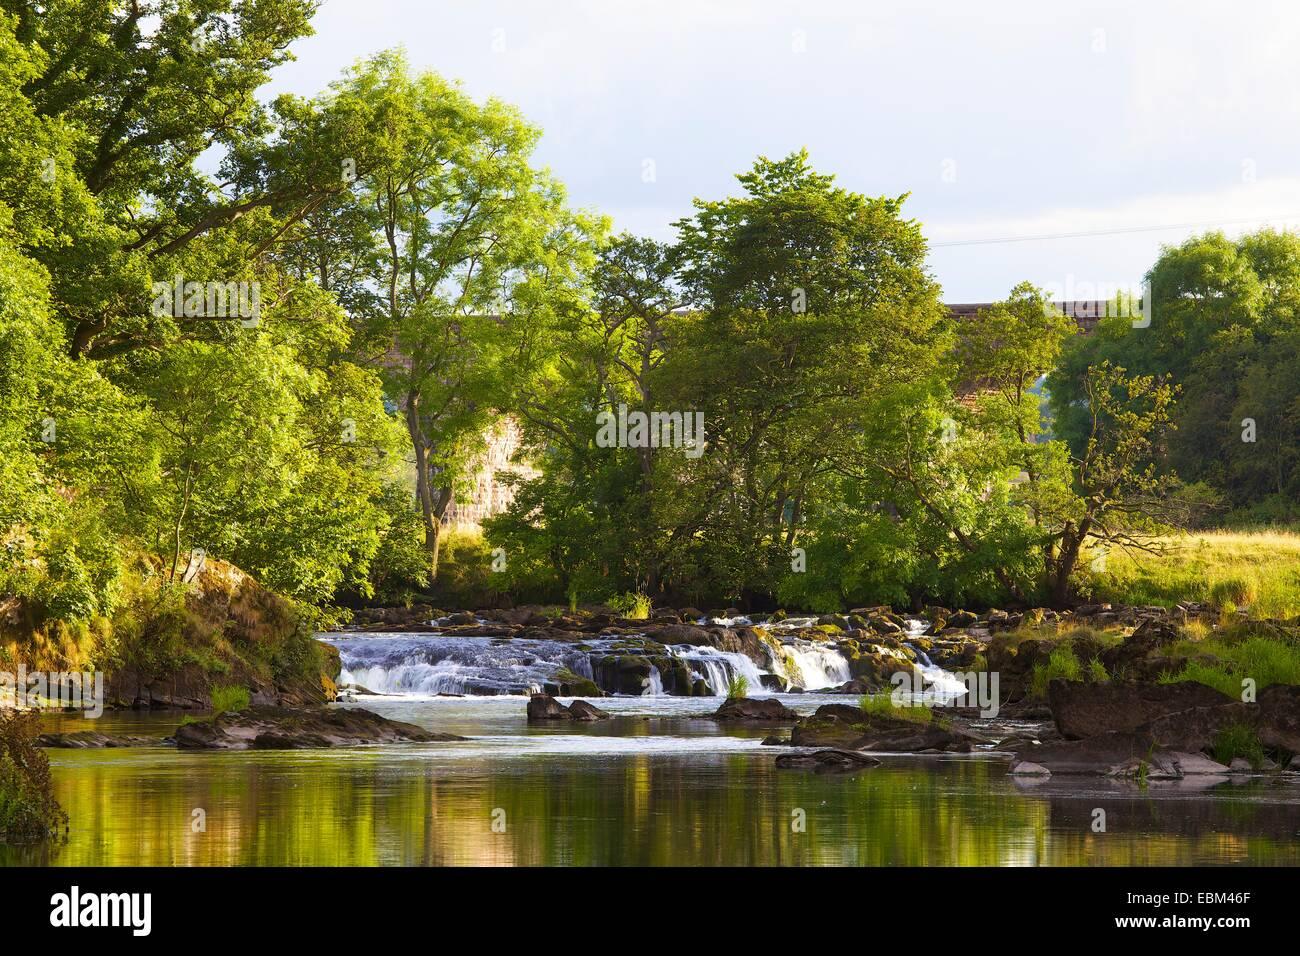 Weir à l'usine de force, Lacy Eden, Eden Valley, Cumbria, England, UK. Photo Stock